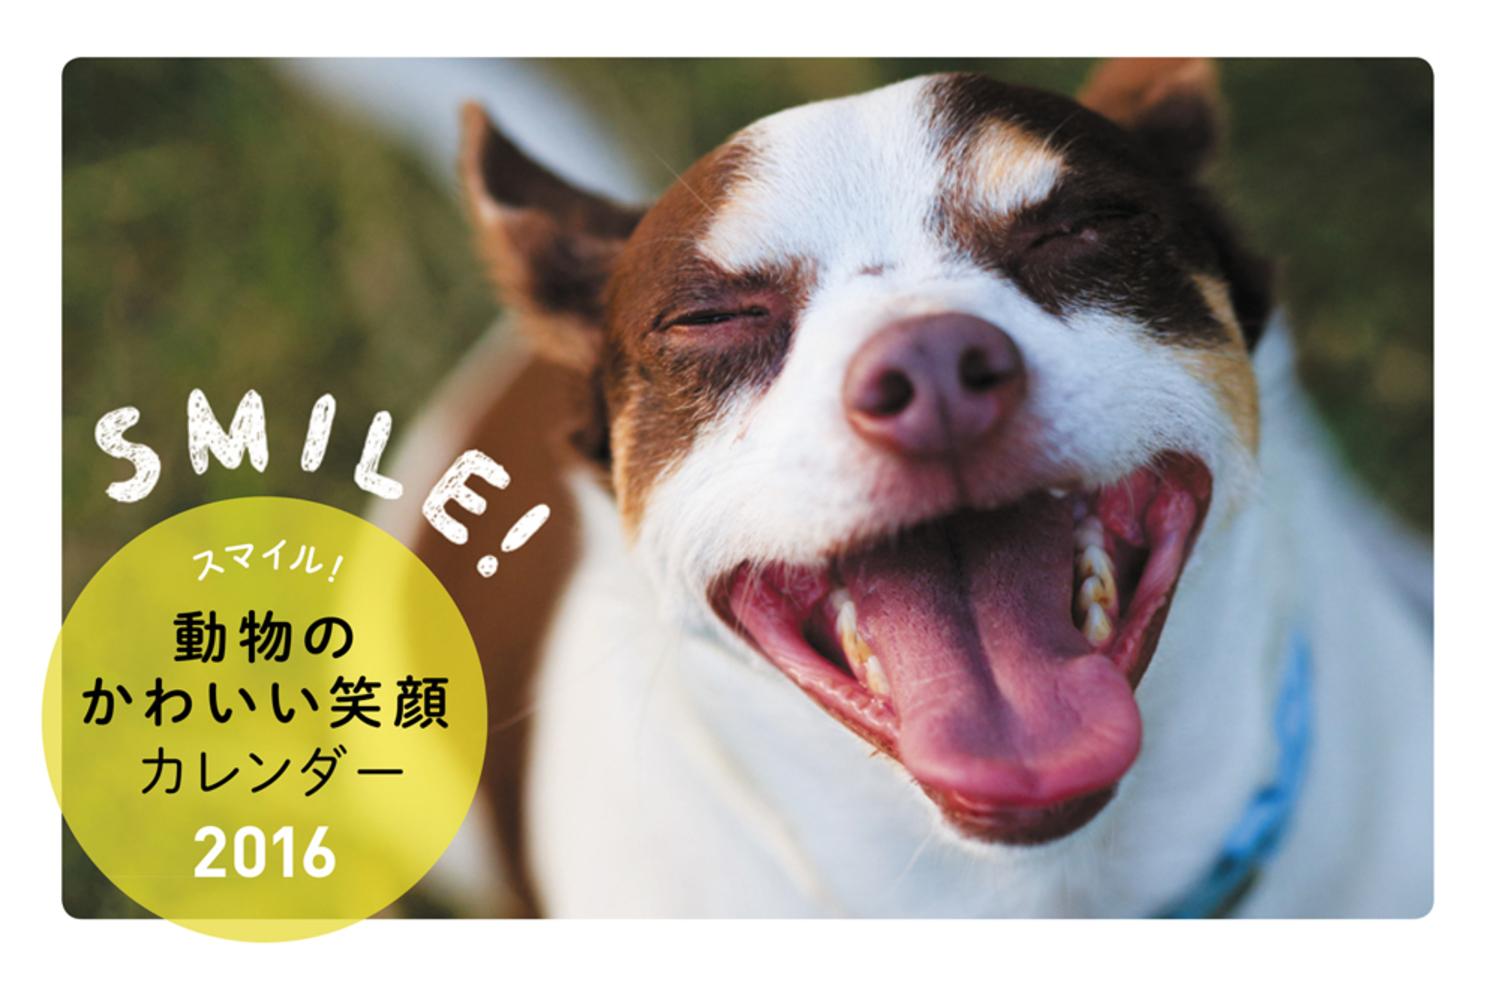 2016 スマイル!動物のかわいい笑顔カレンダー